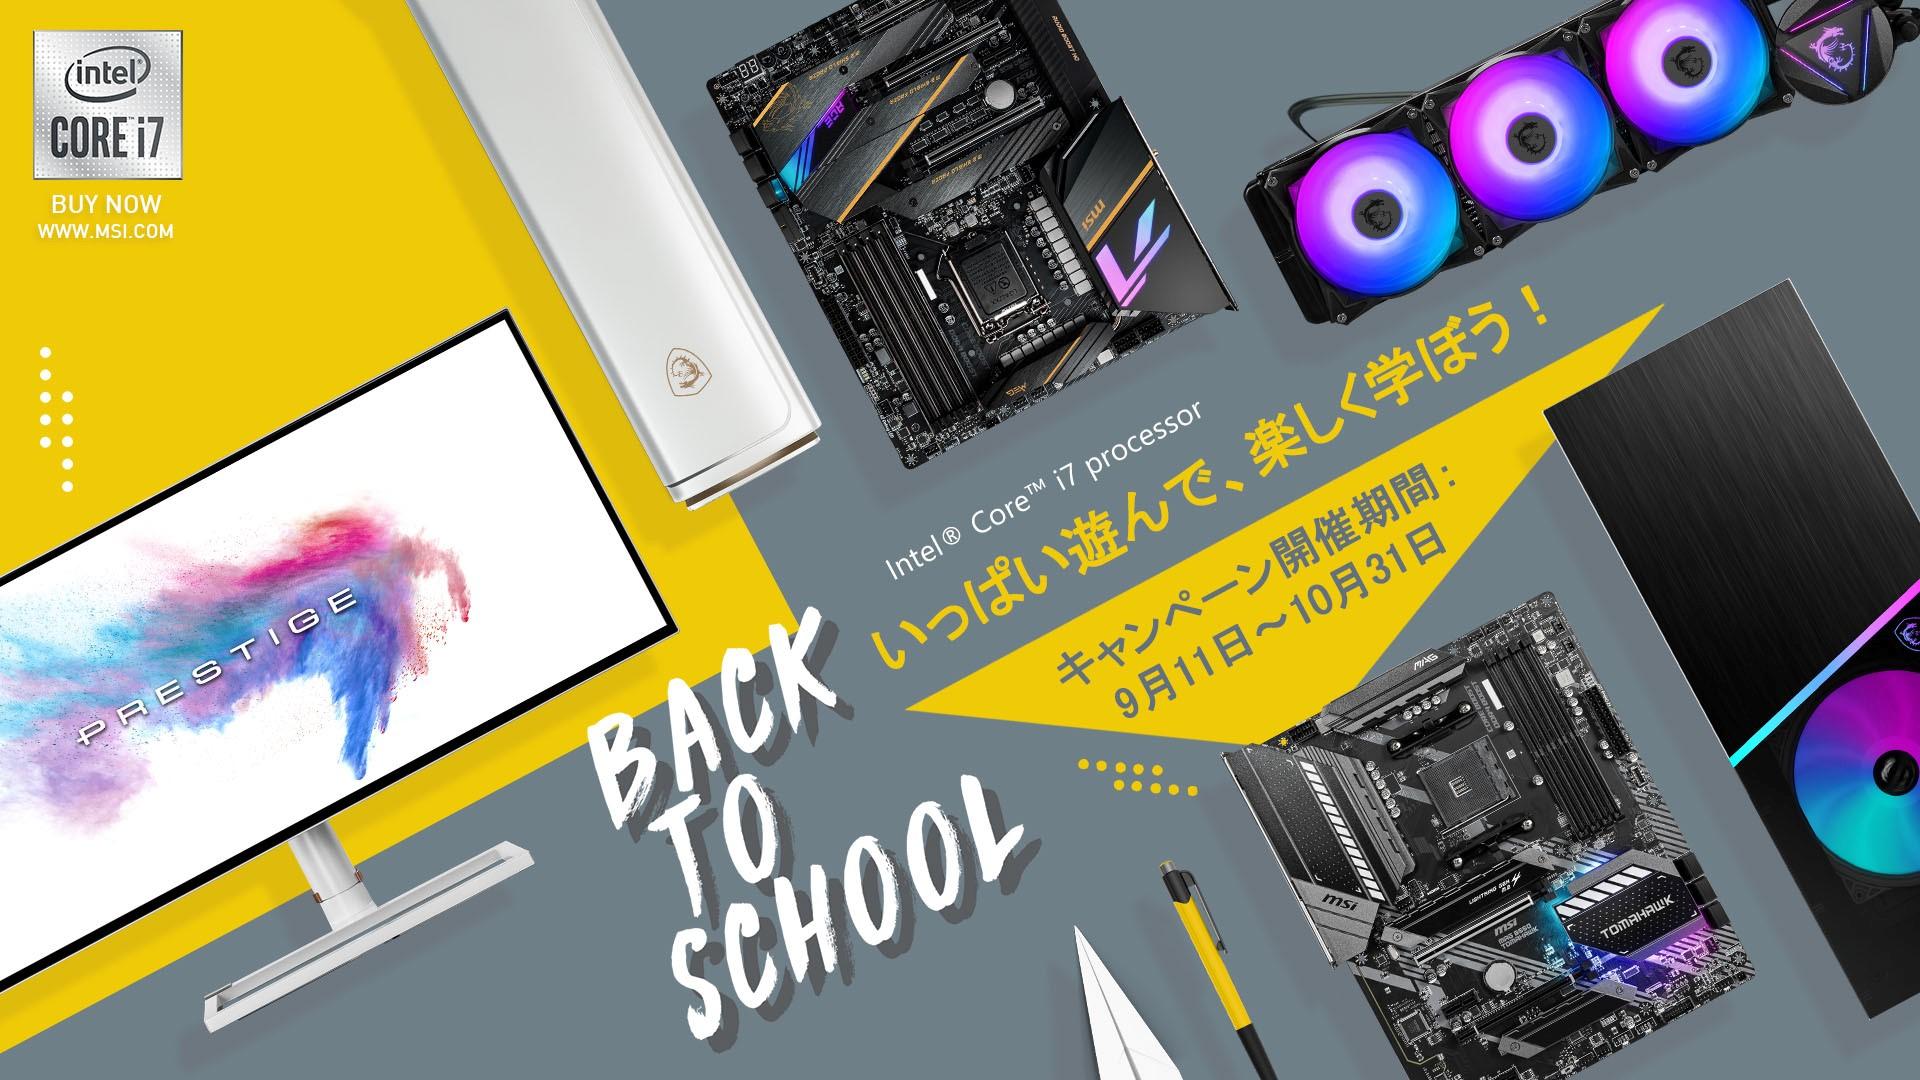 MSI製品を購入するとQUOカードが貰える! Back to School 2020キャンペーン開催